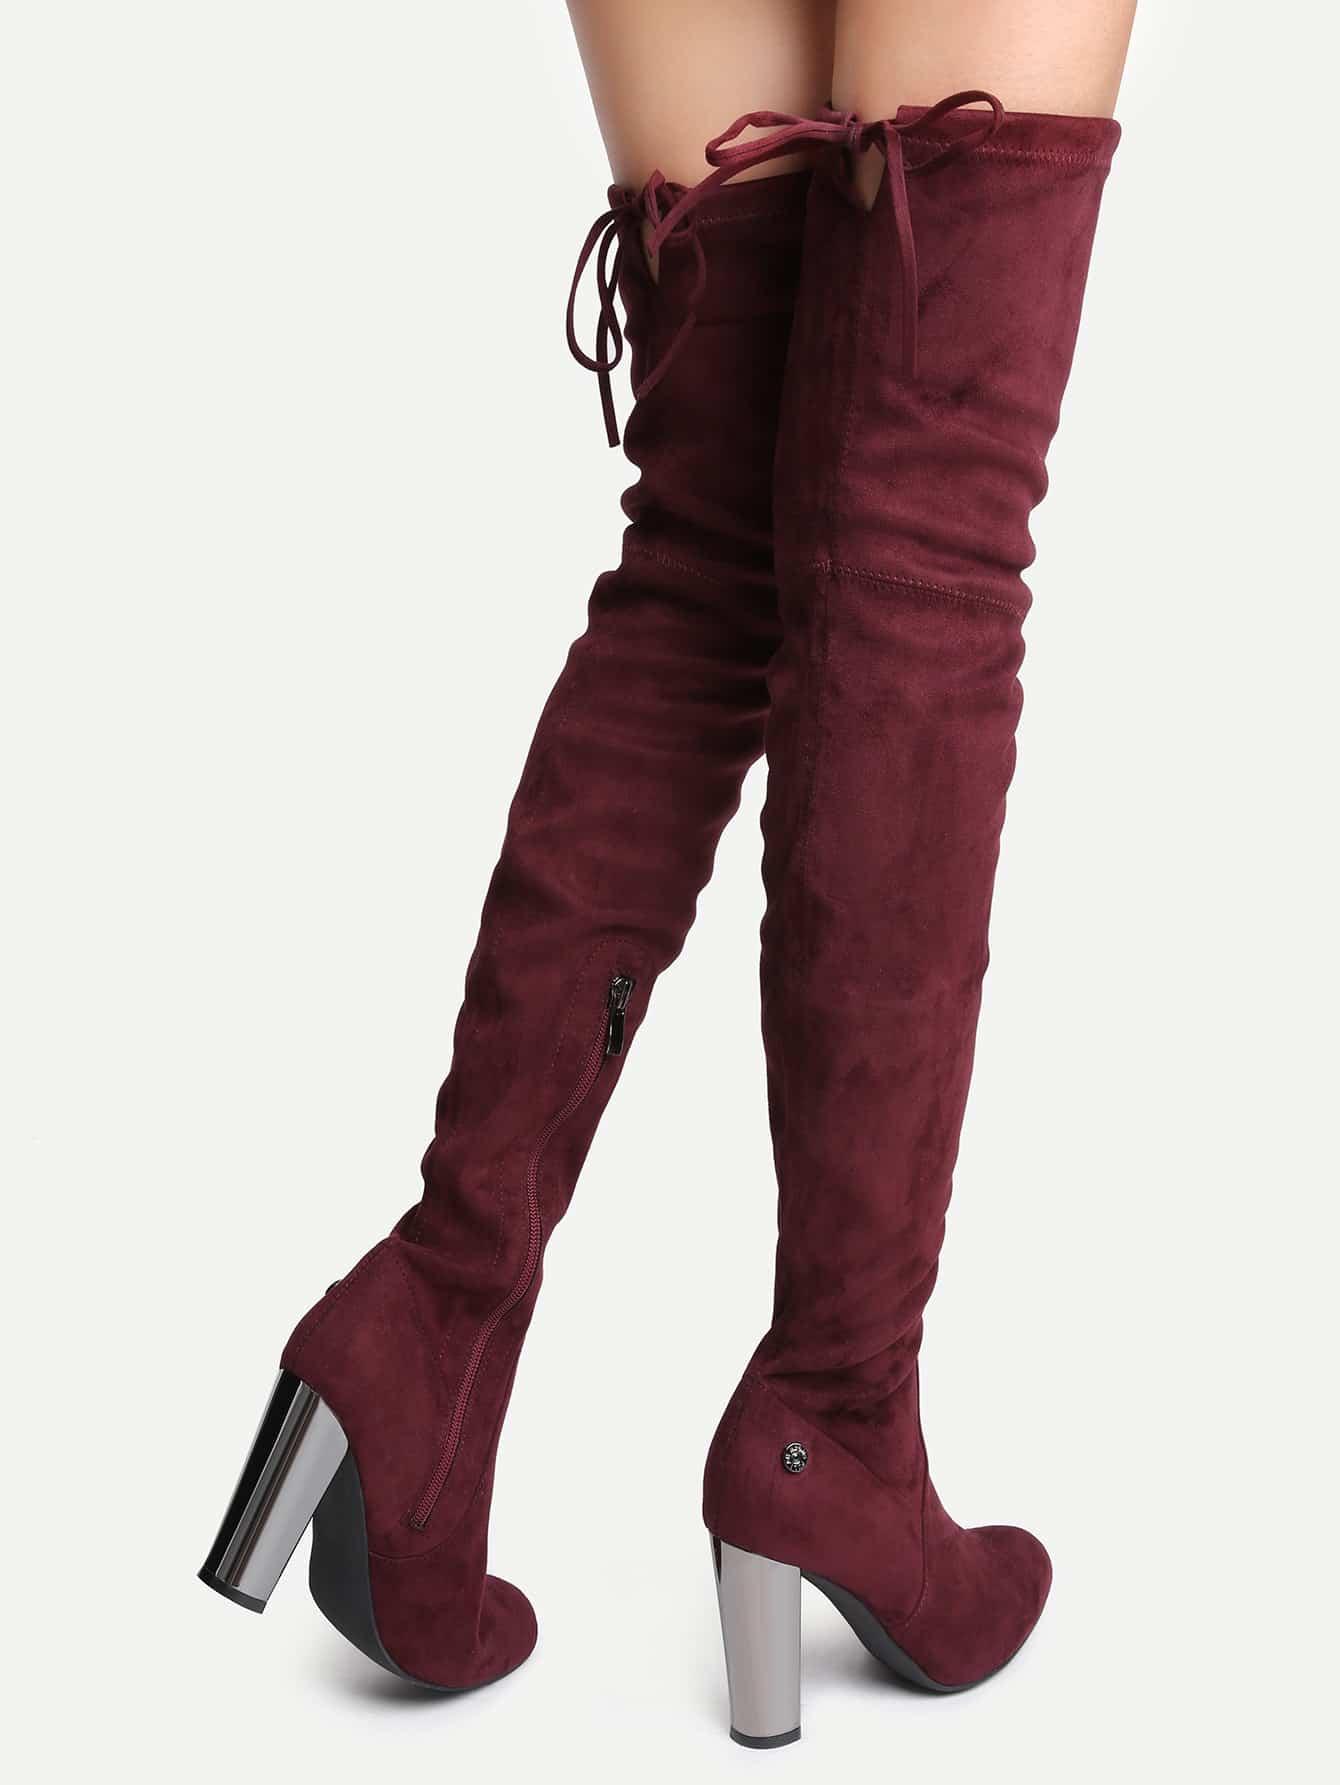 shoes16090722_2